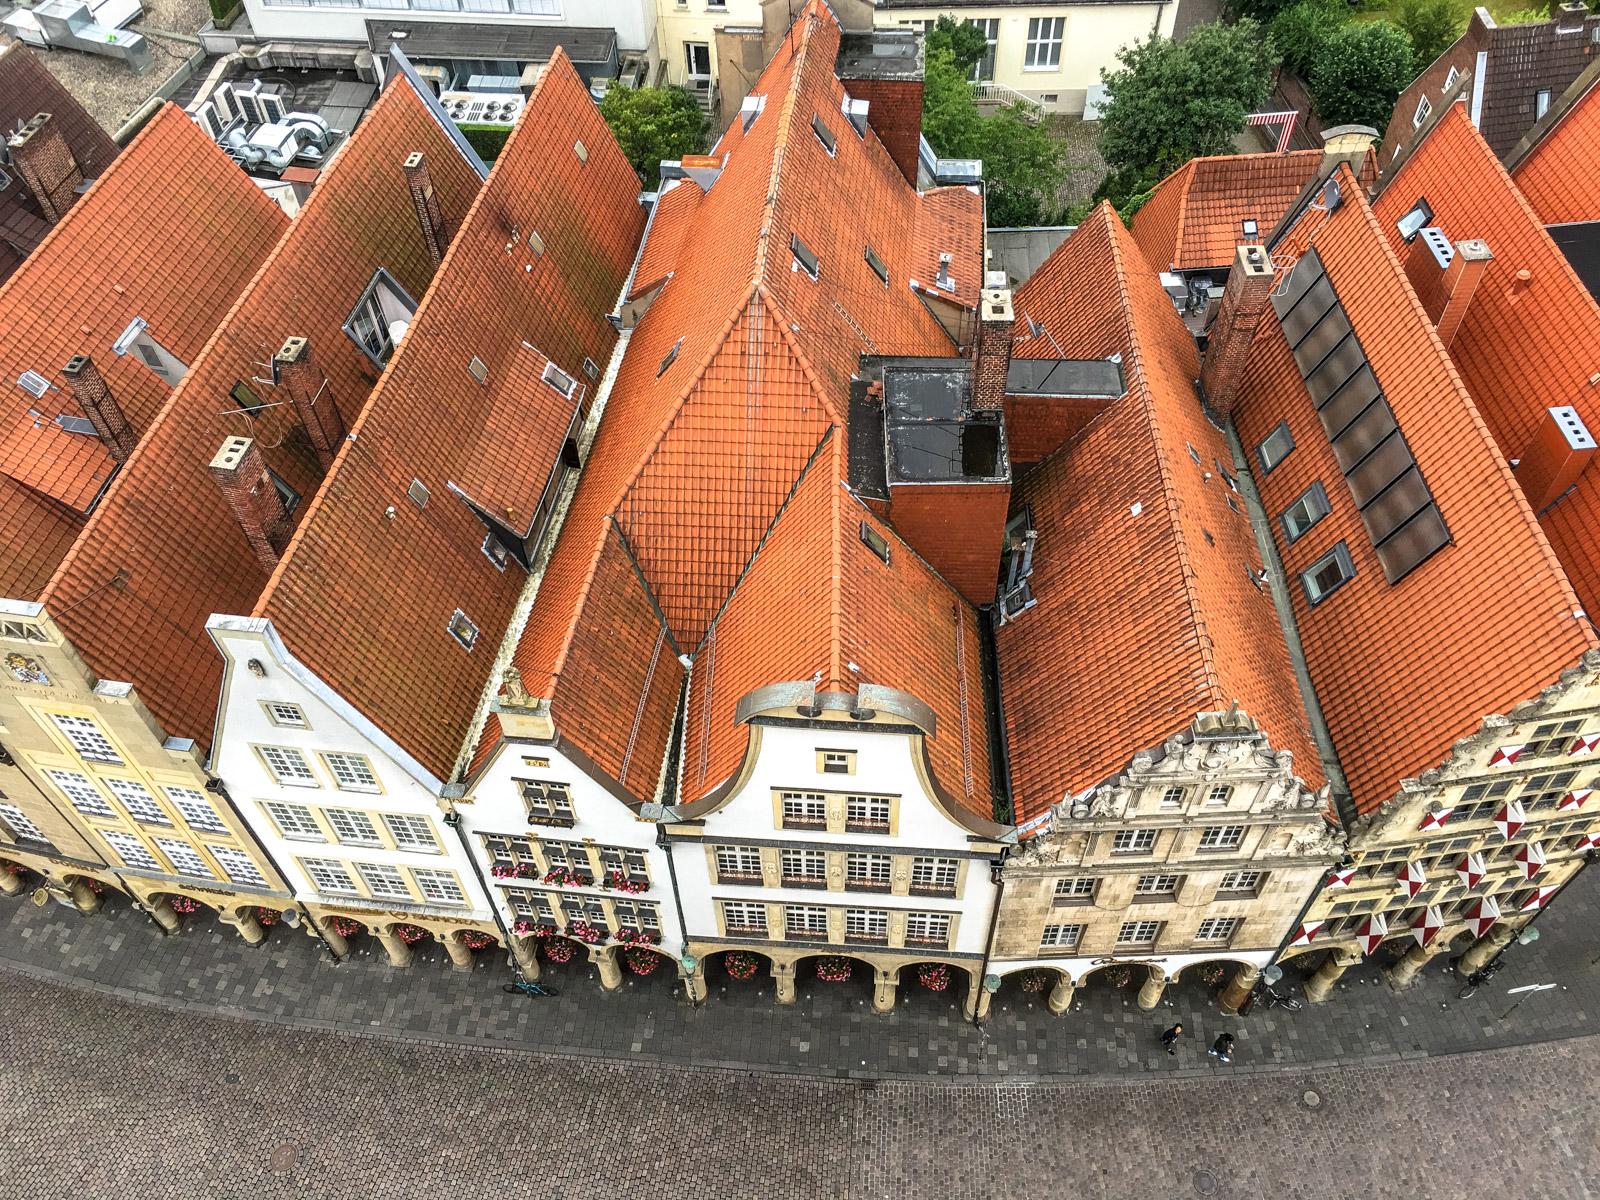 Turmbesichtigung Lamberti Kirche Münster